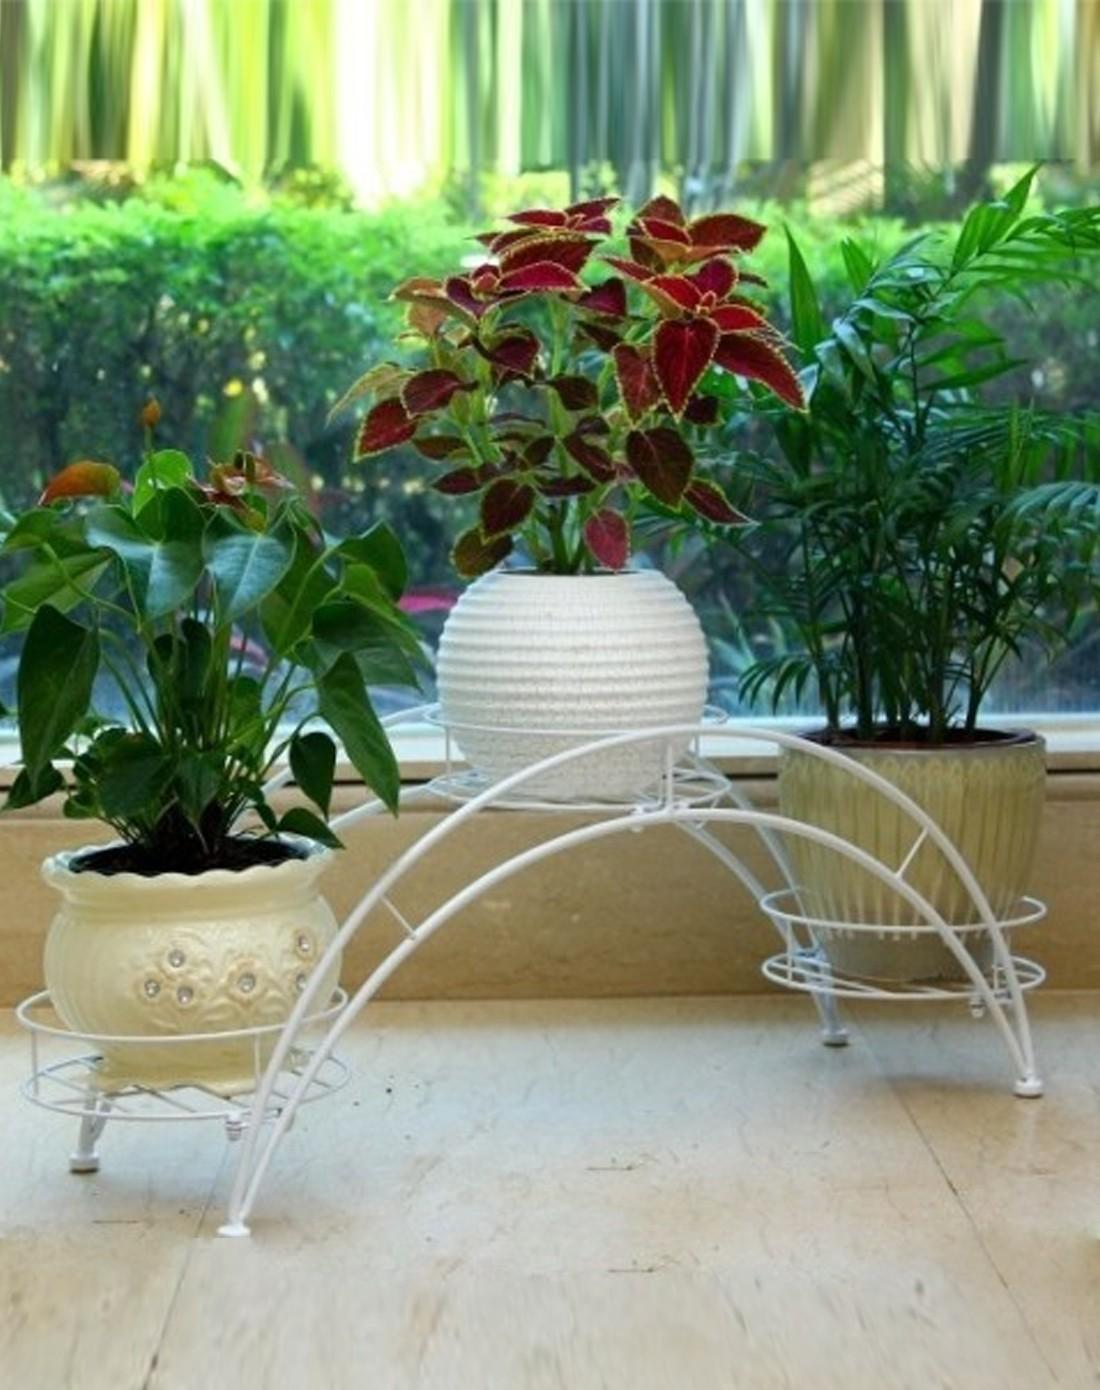 三花盆拱桥欧式典雅花架,添上绿植点缀家